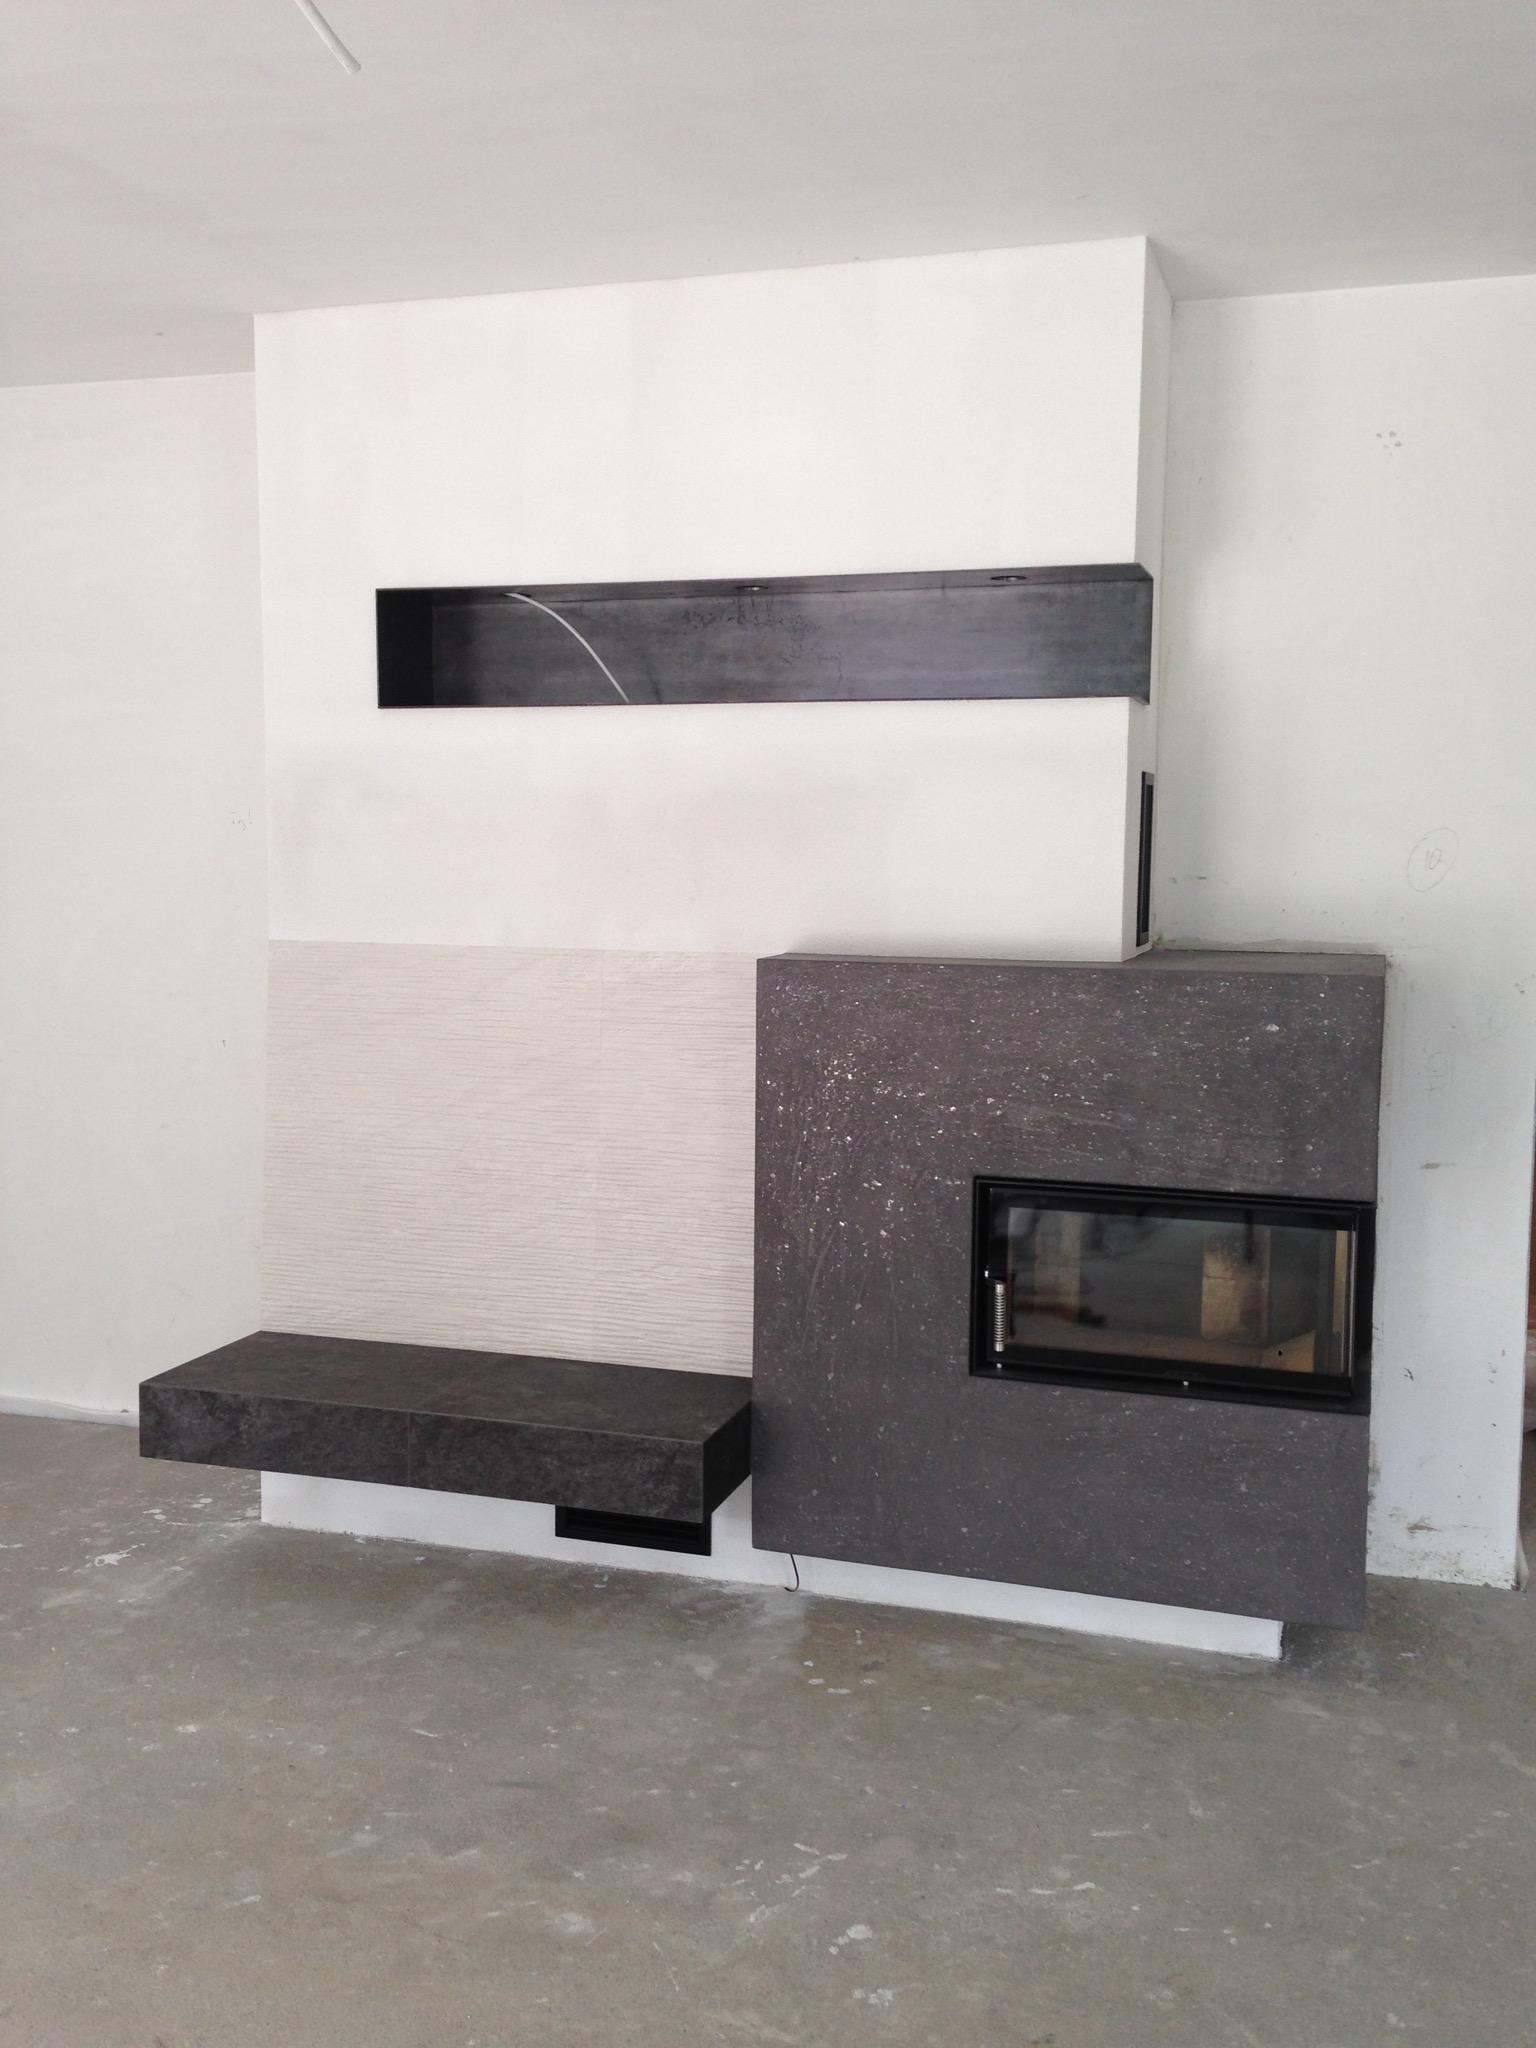 unsere projekte hafnermeister praxmarer bernhard. Black Bedroom Furniture Sets. Home Design Ideas